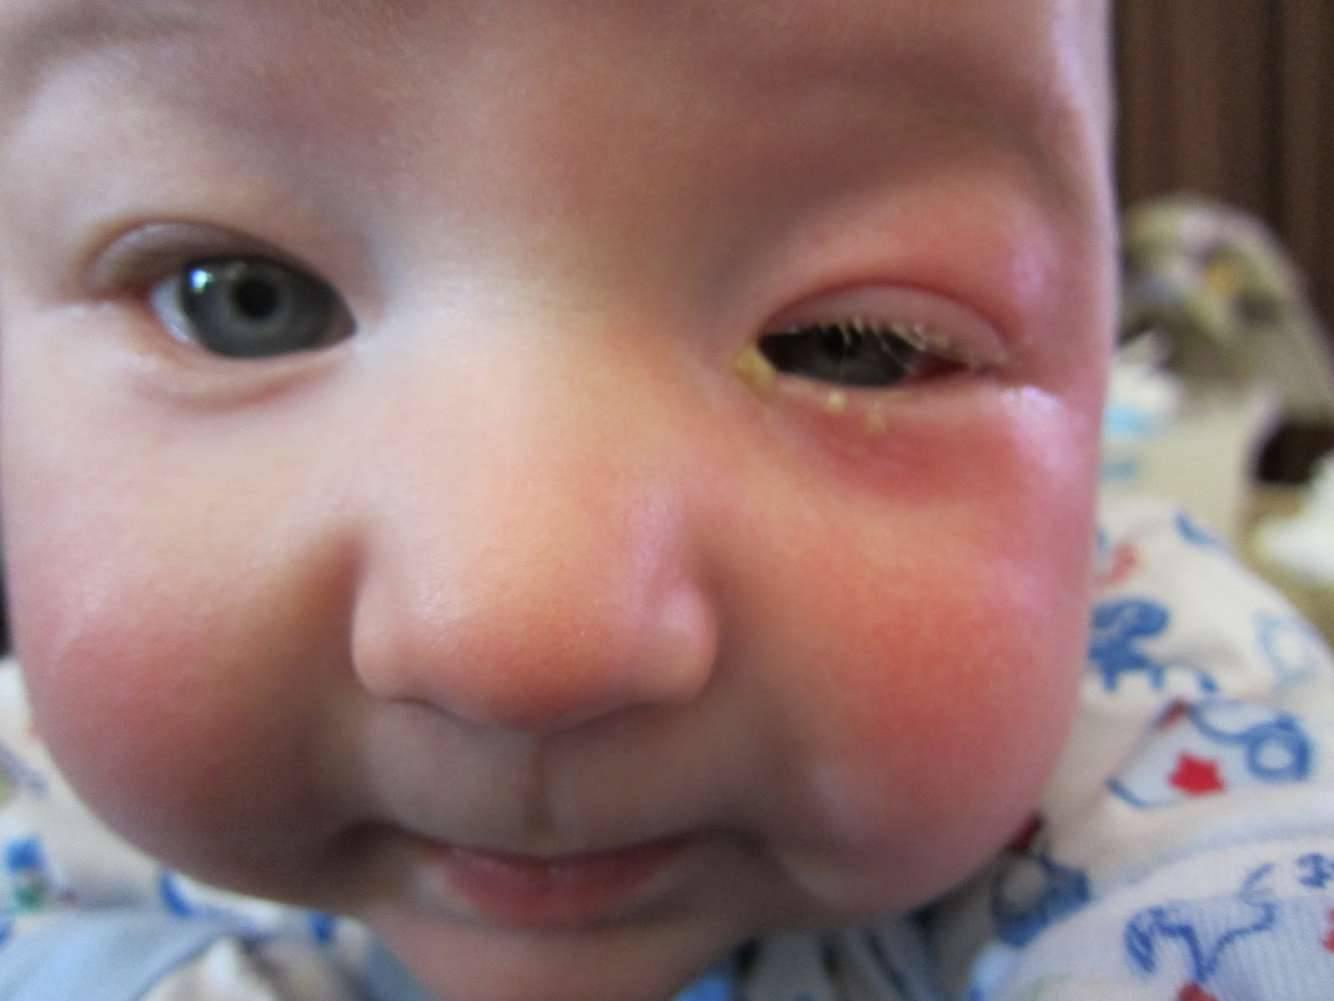 Дакриоцистит у новорожденных: симптомы и методы лечения